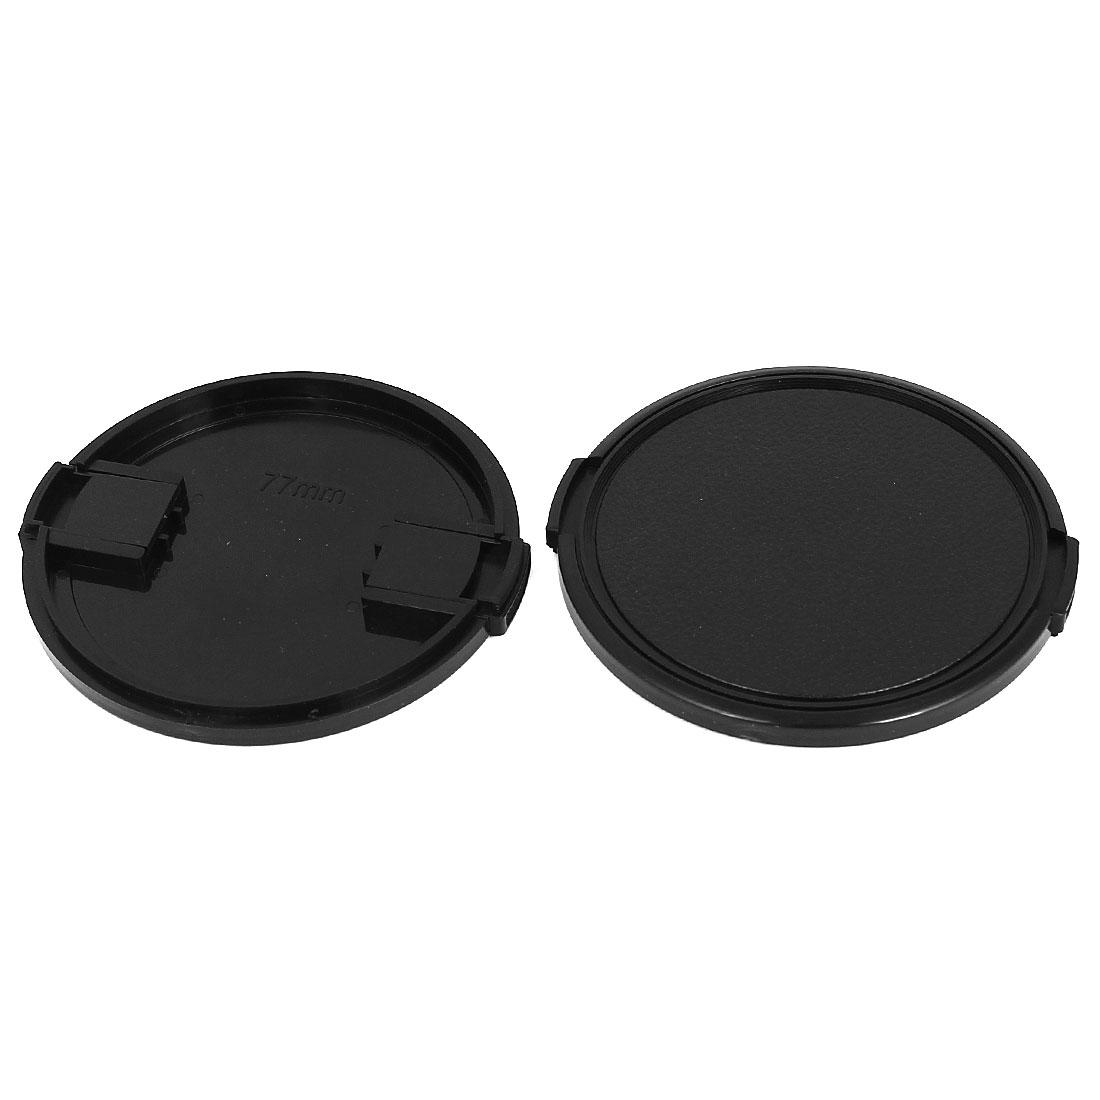 77mm Dia Vintage Style Plastic Front Snap Digital Camera Lens Cap Protector 2Pcs